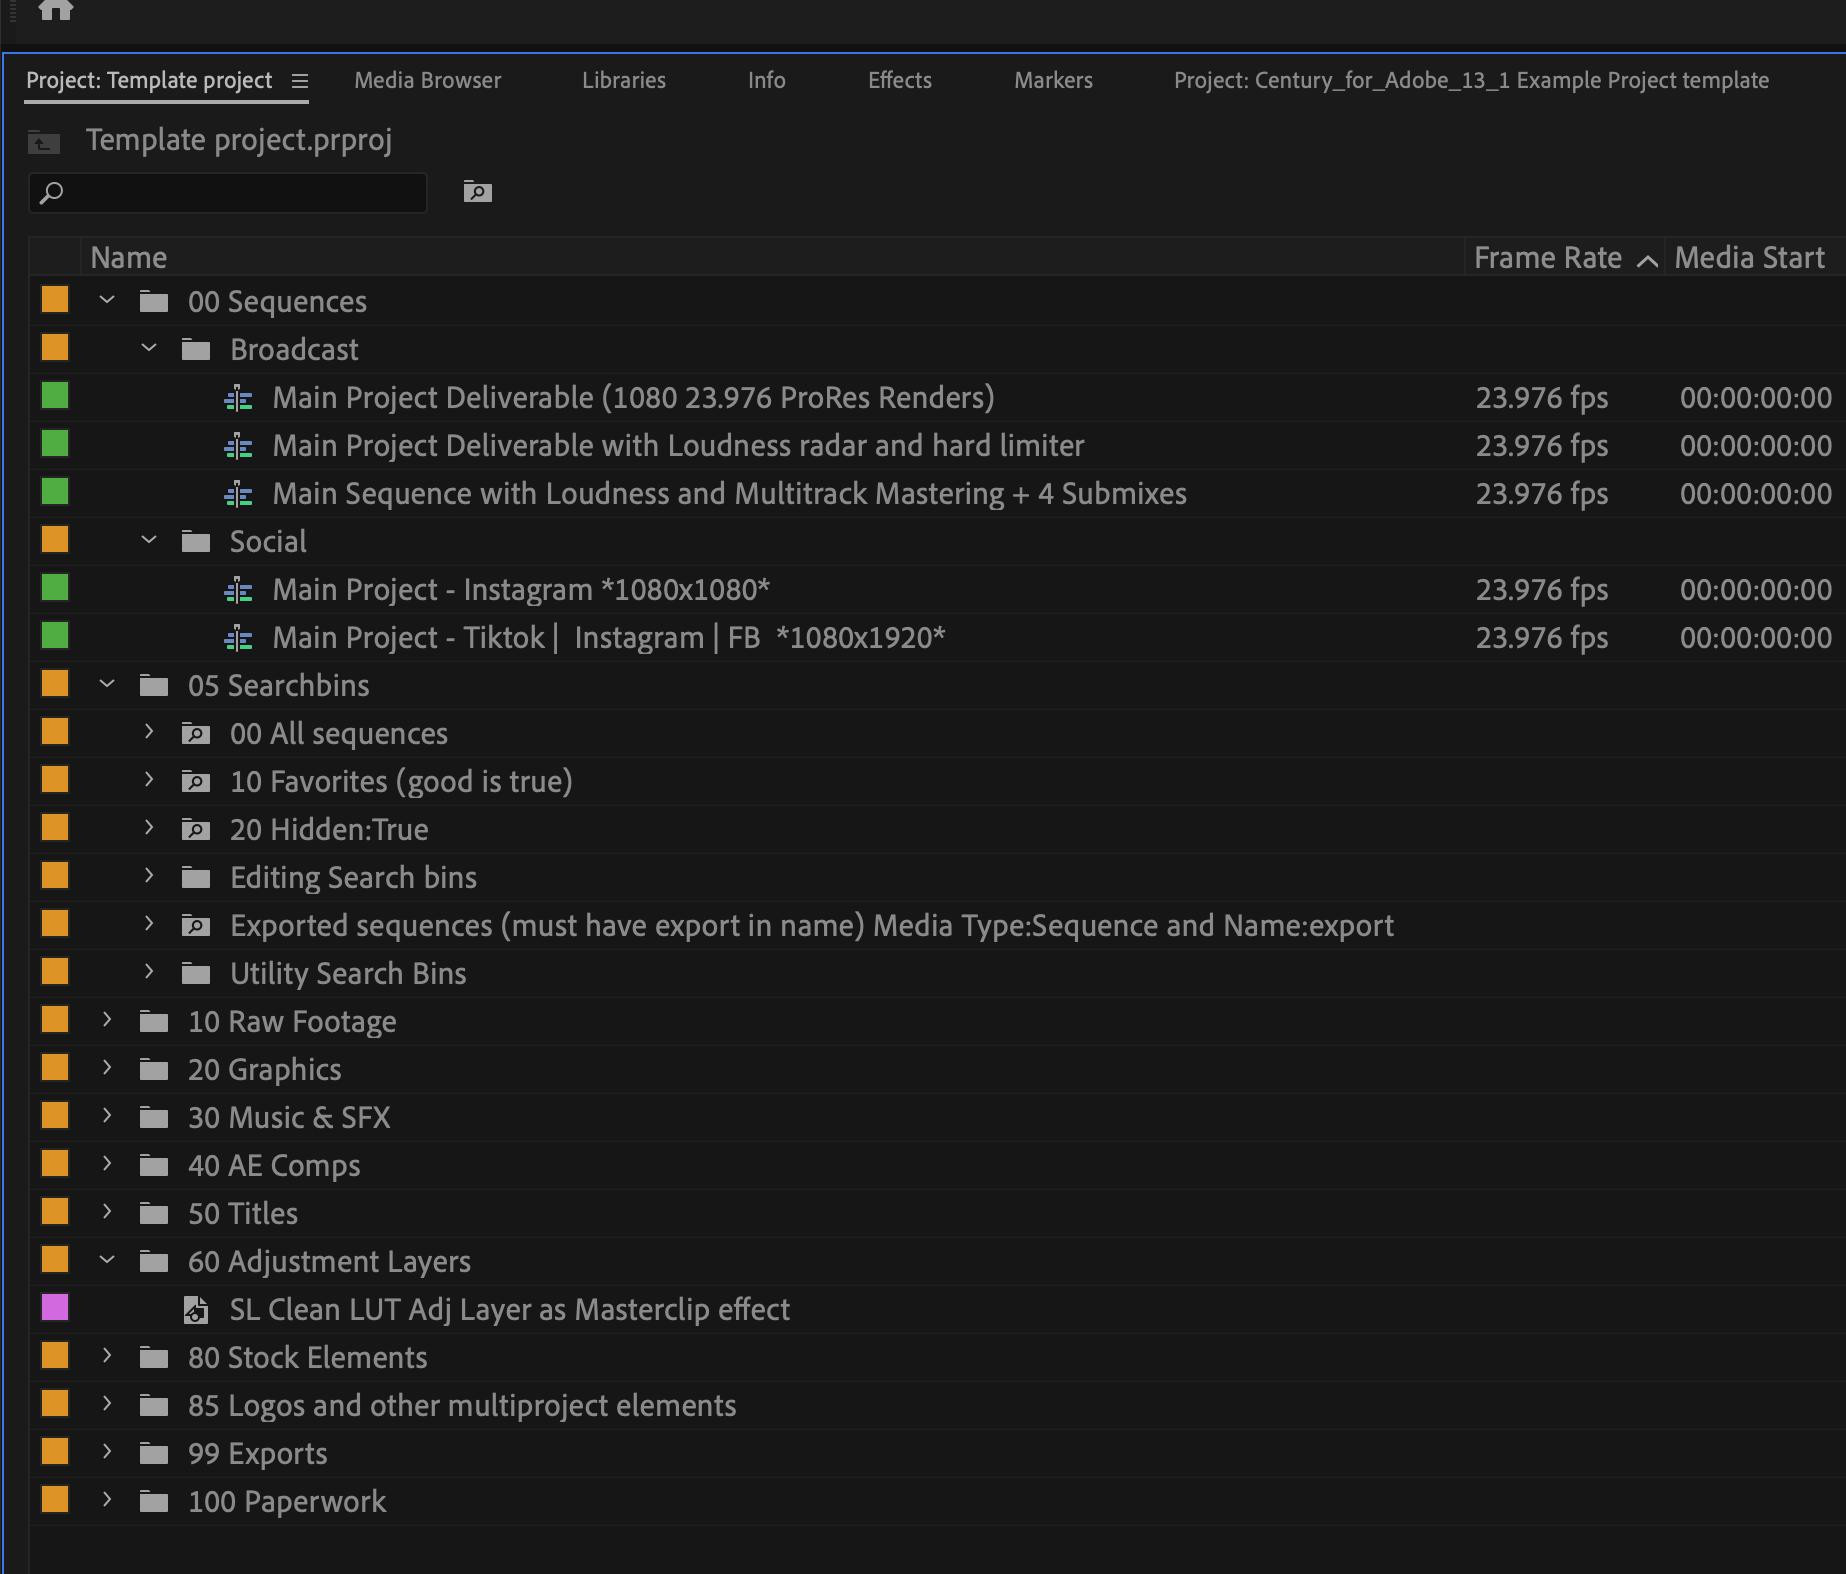 如何制作PR模板 Premiere Pro 项目模板创建教程-MOGRT